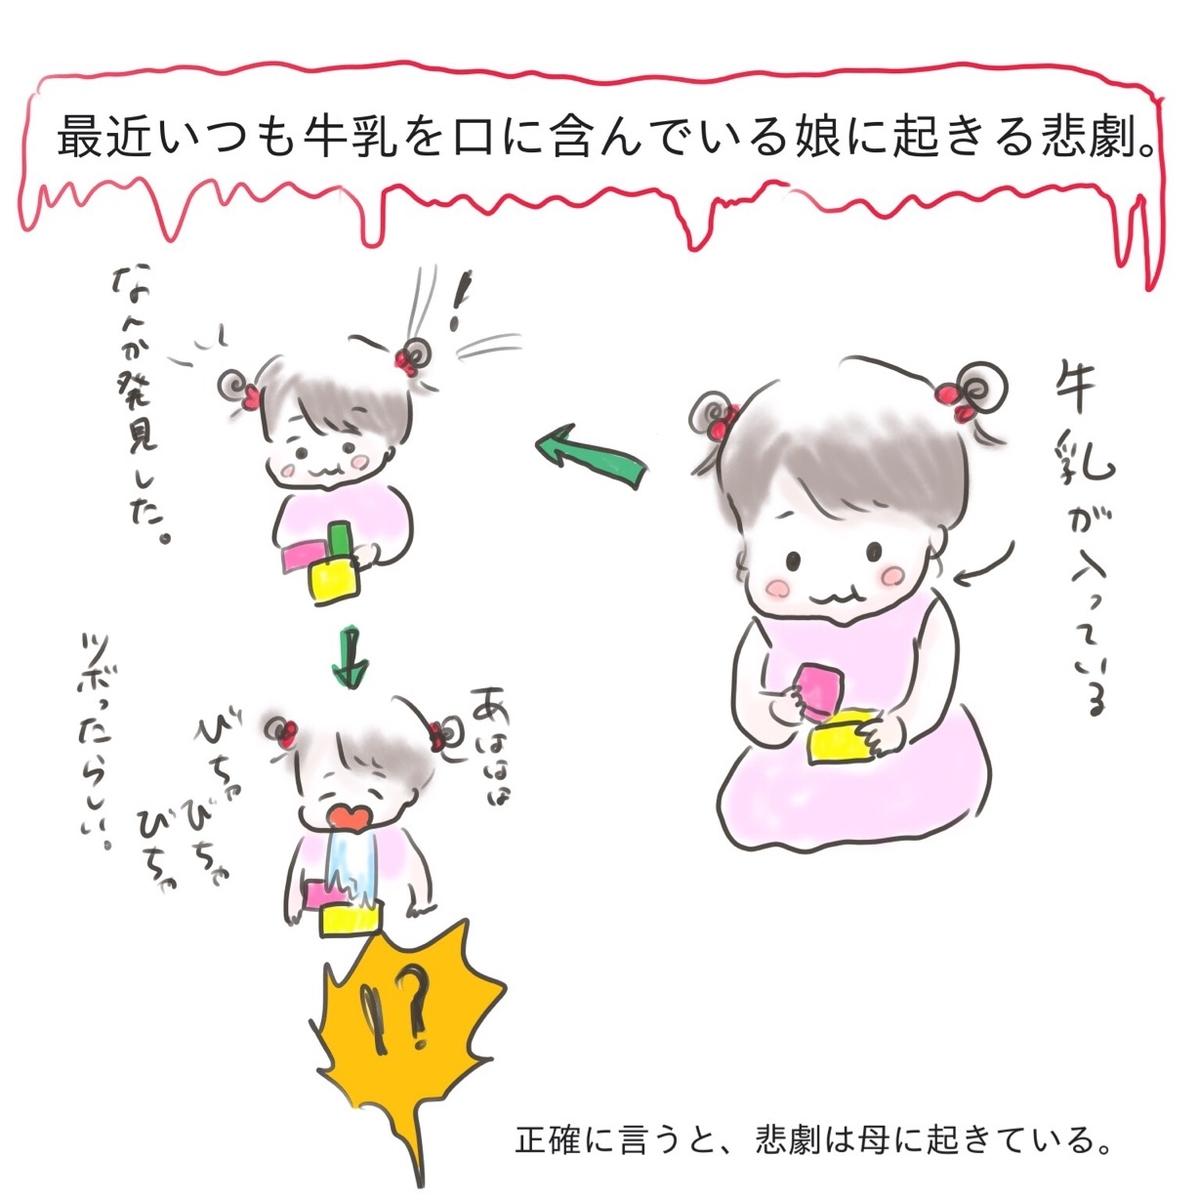 f:id:tarotaroko:20190731161309j:plain